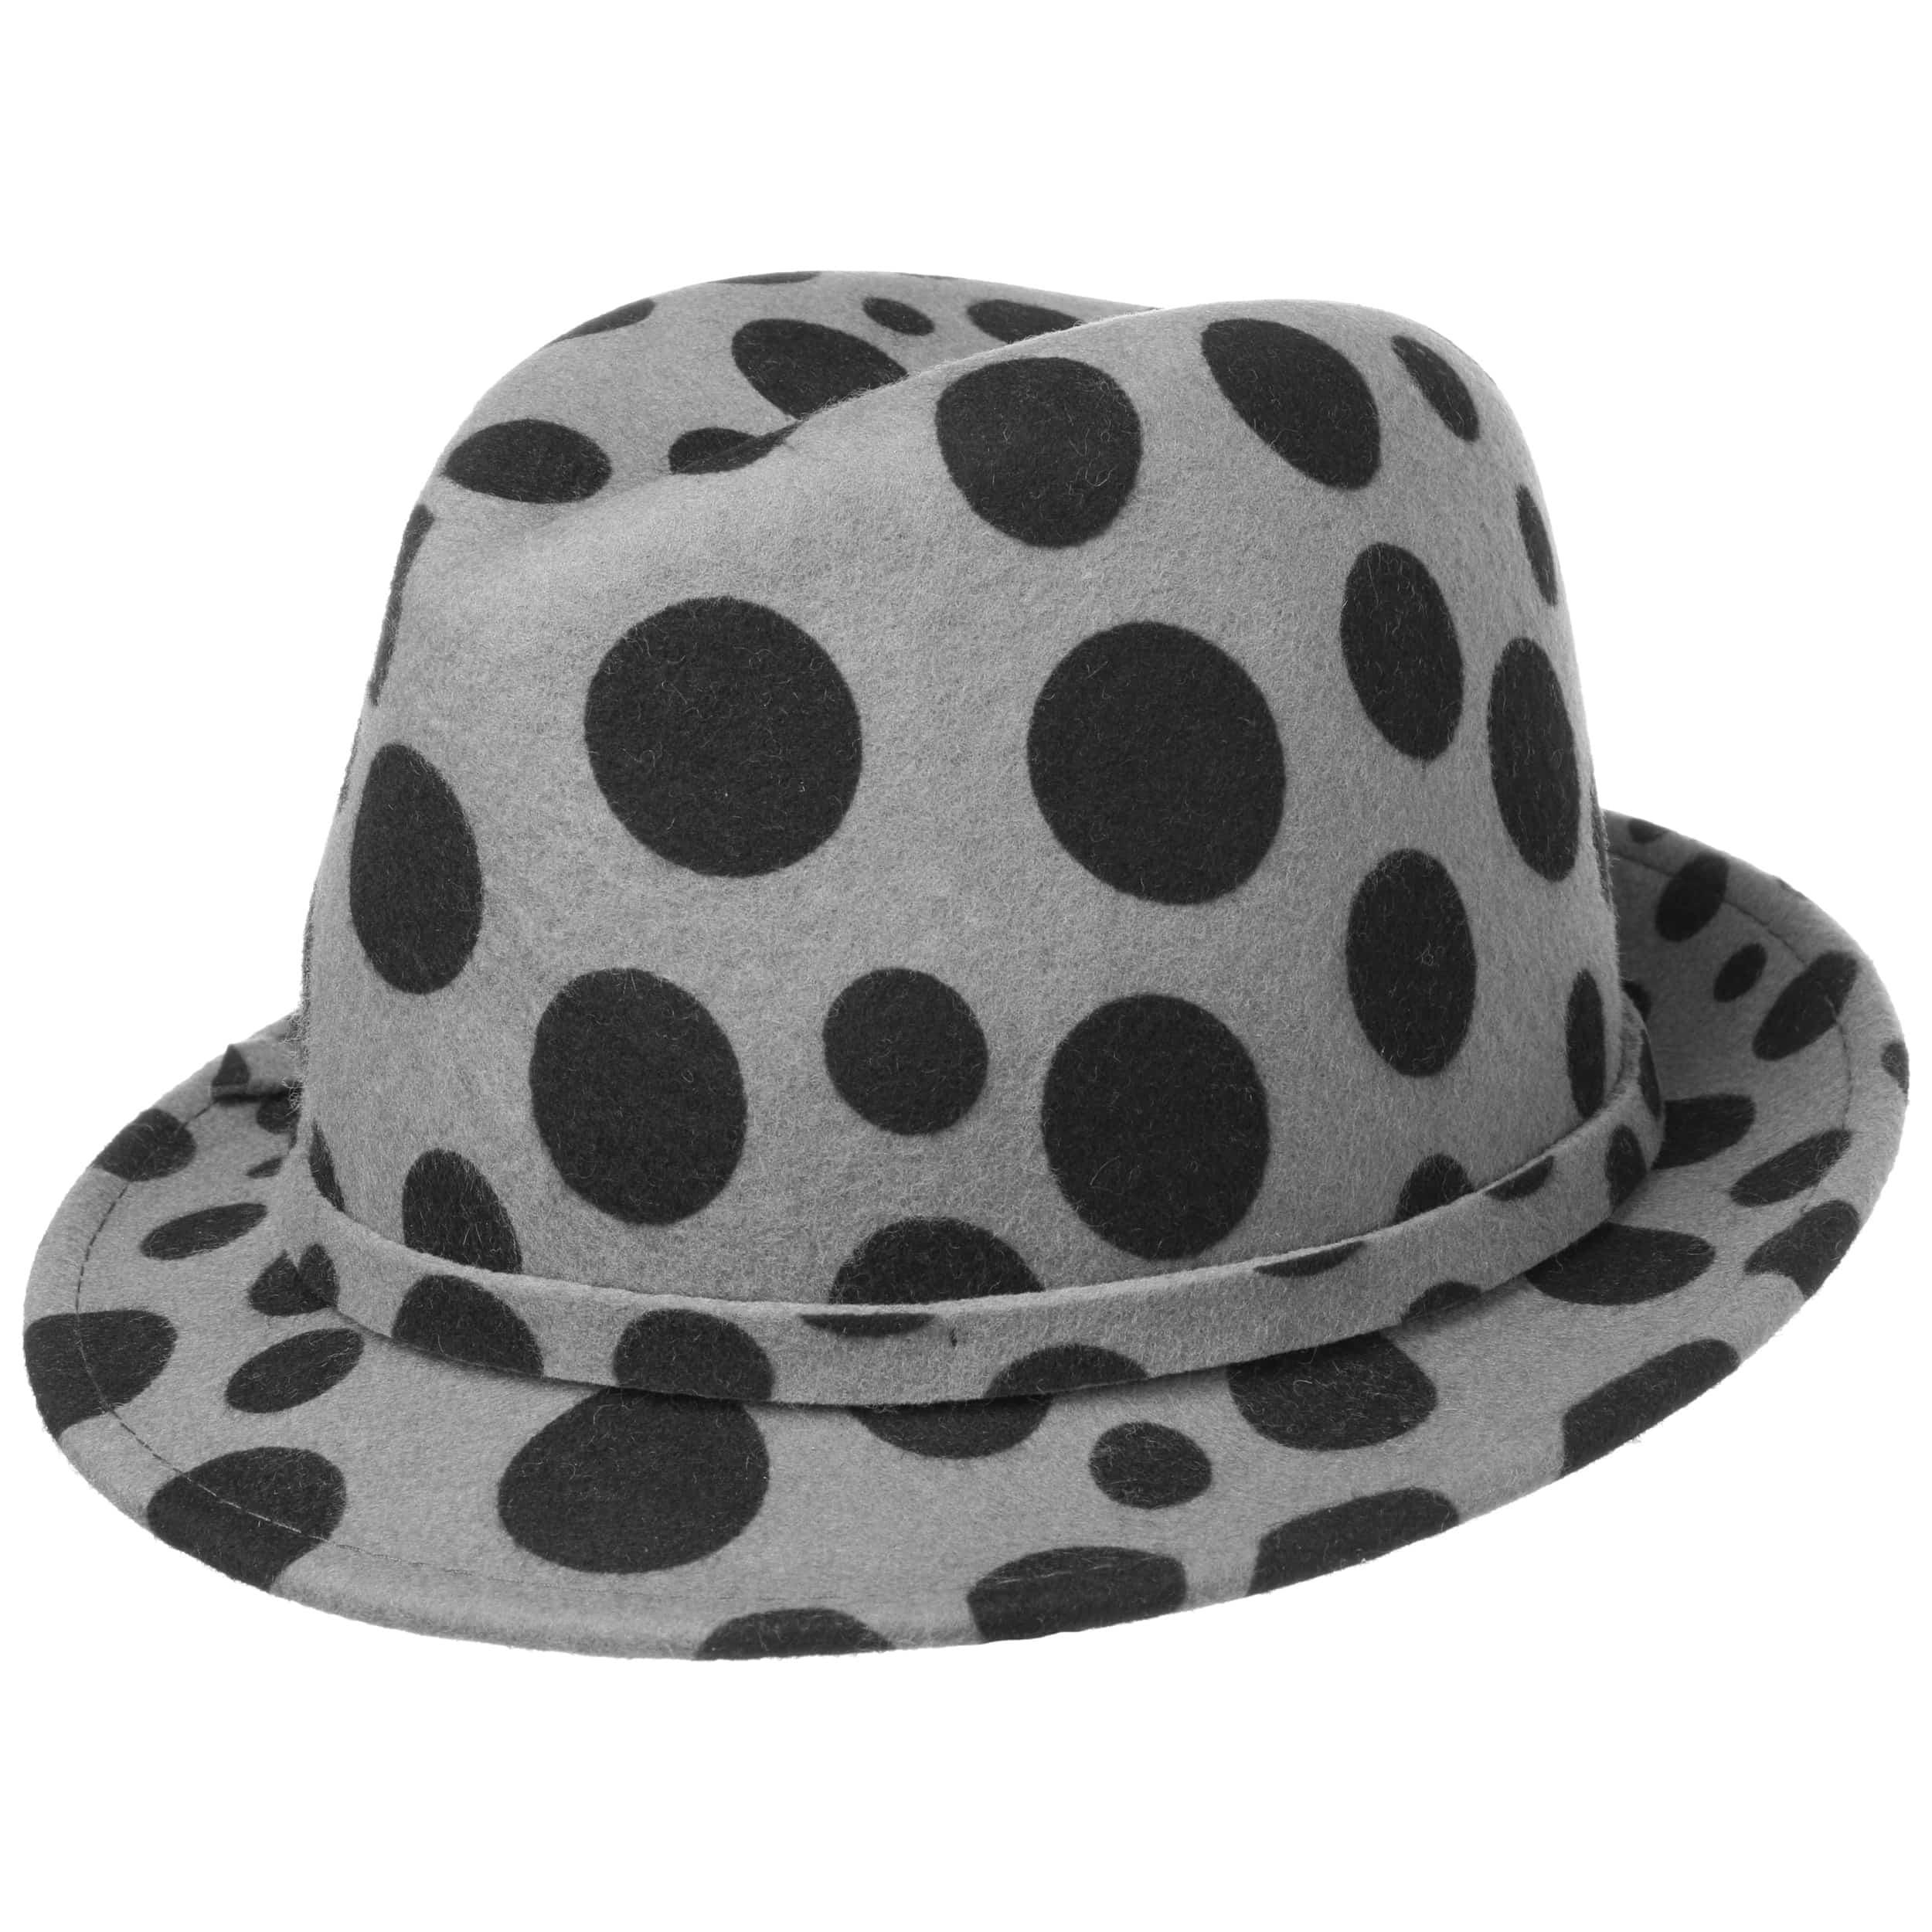 80ac7debbd626 Sombrero Fieltro Niño Punti by Lipodo - Sombreros - sombreroshop.es